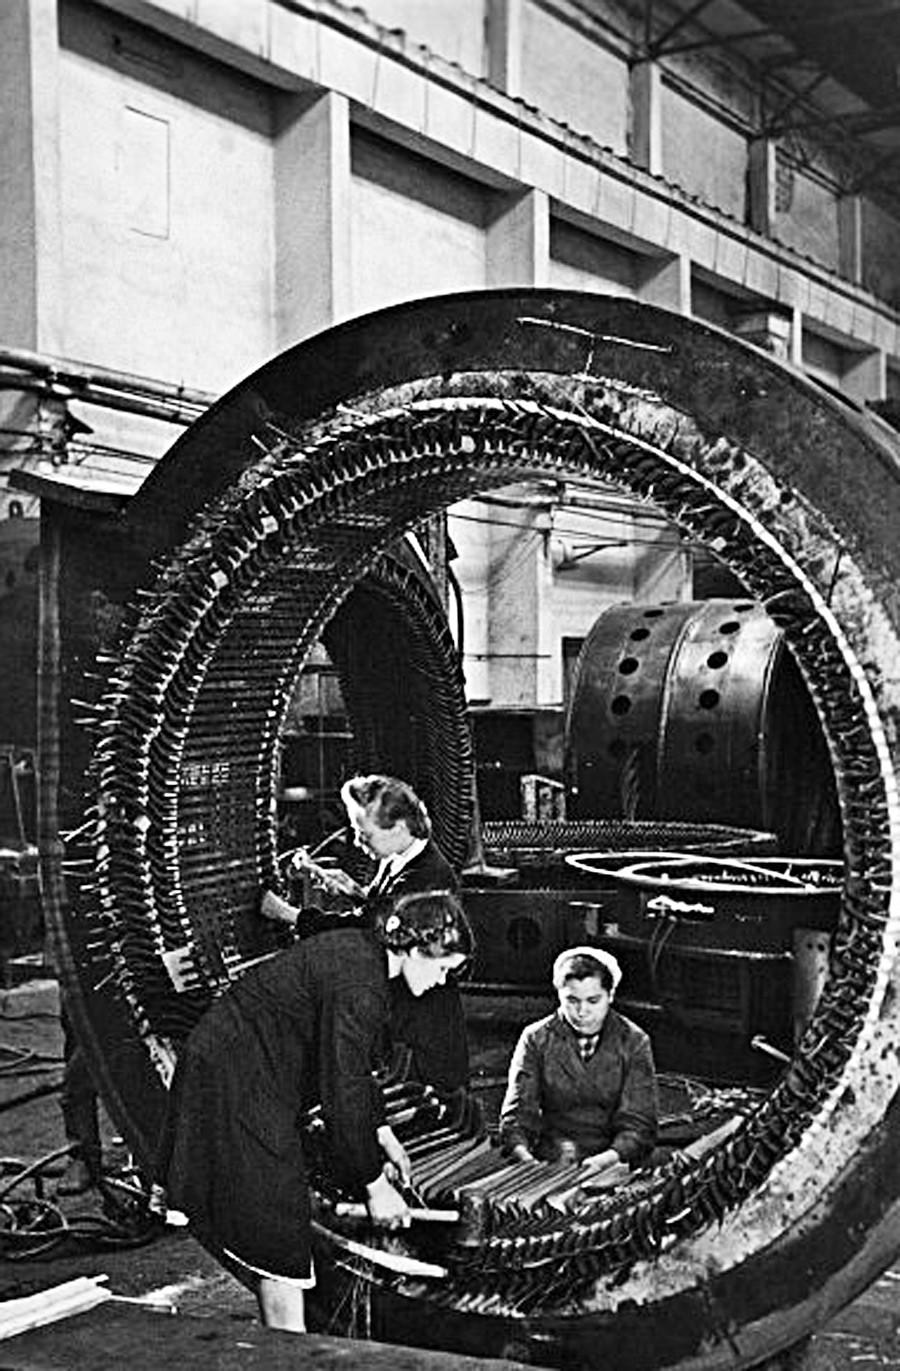 Brigade d'isolation de l'usine « Ouralelektroapparat » (Appareils électriques de l'Oural), 1950